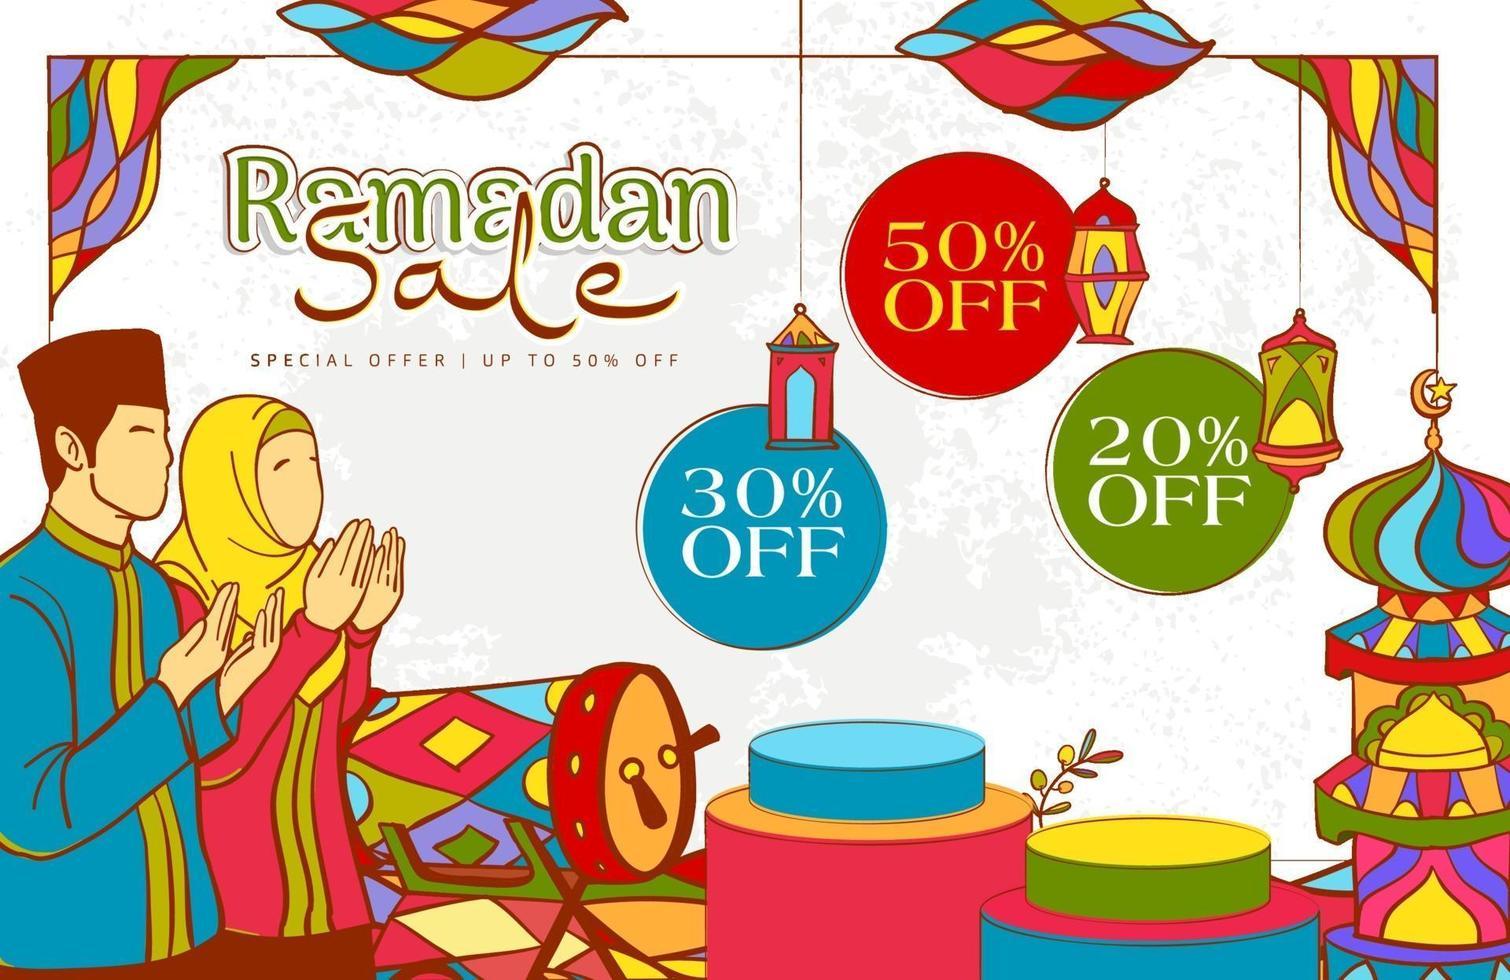 ilustração desenhada à mão ramadan kareem com colorido islâmico vetor